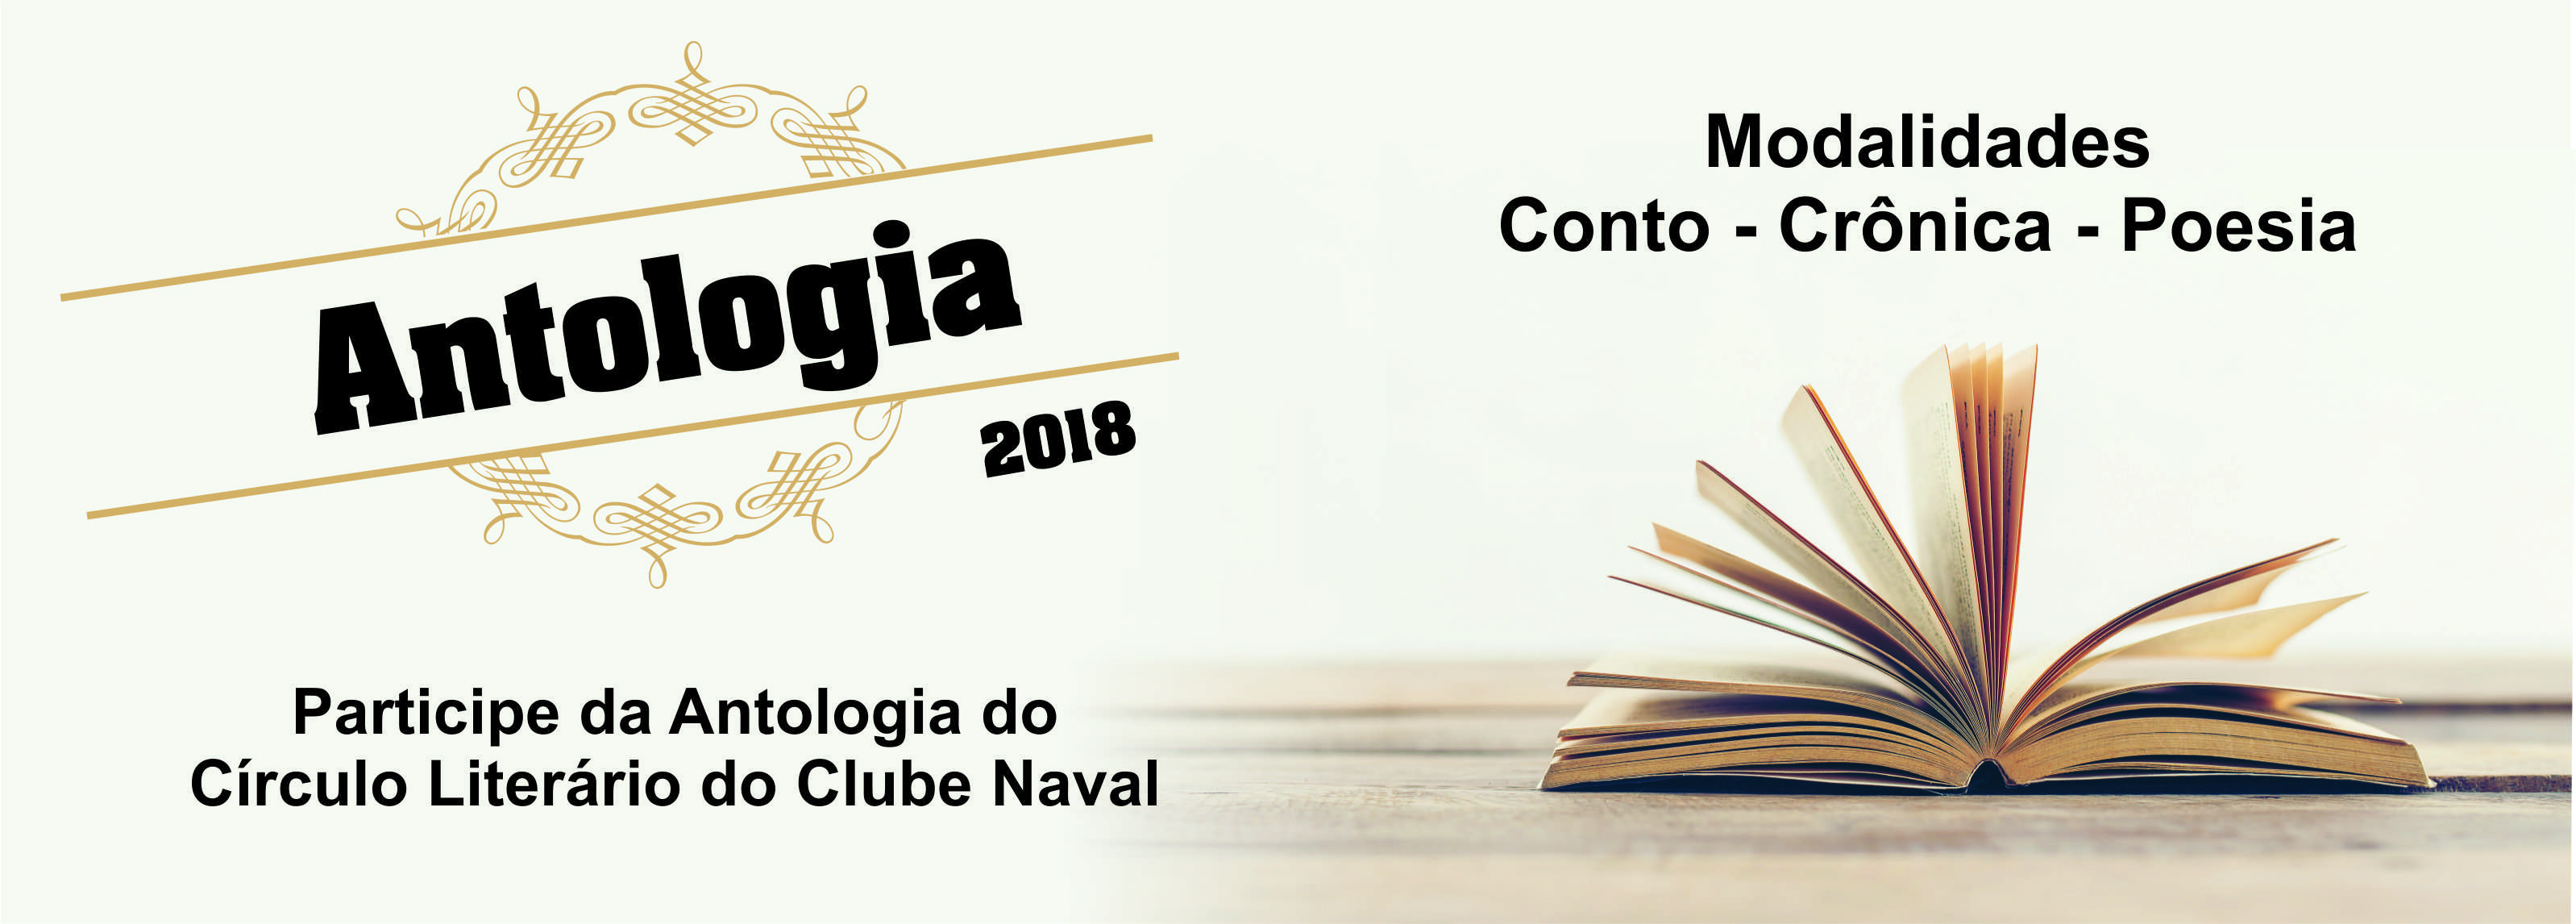 https://www.clubenaval.org.br/novo/antologia-2018